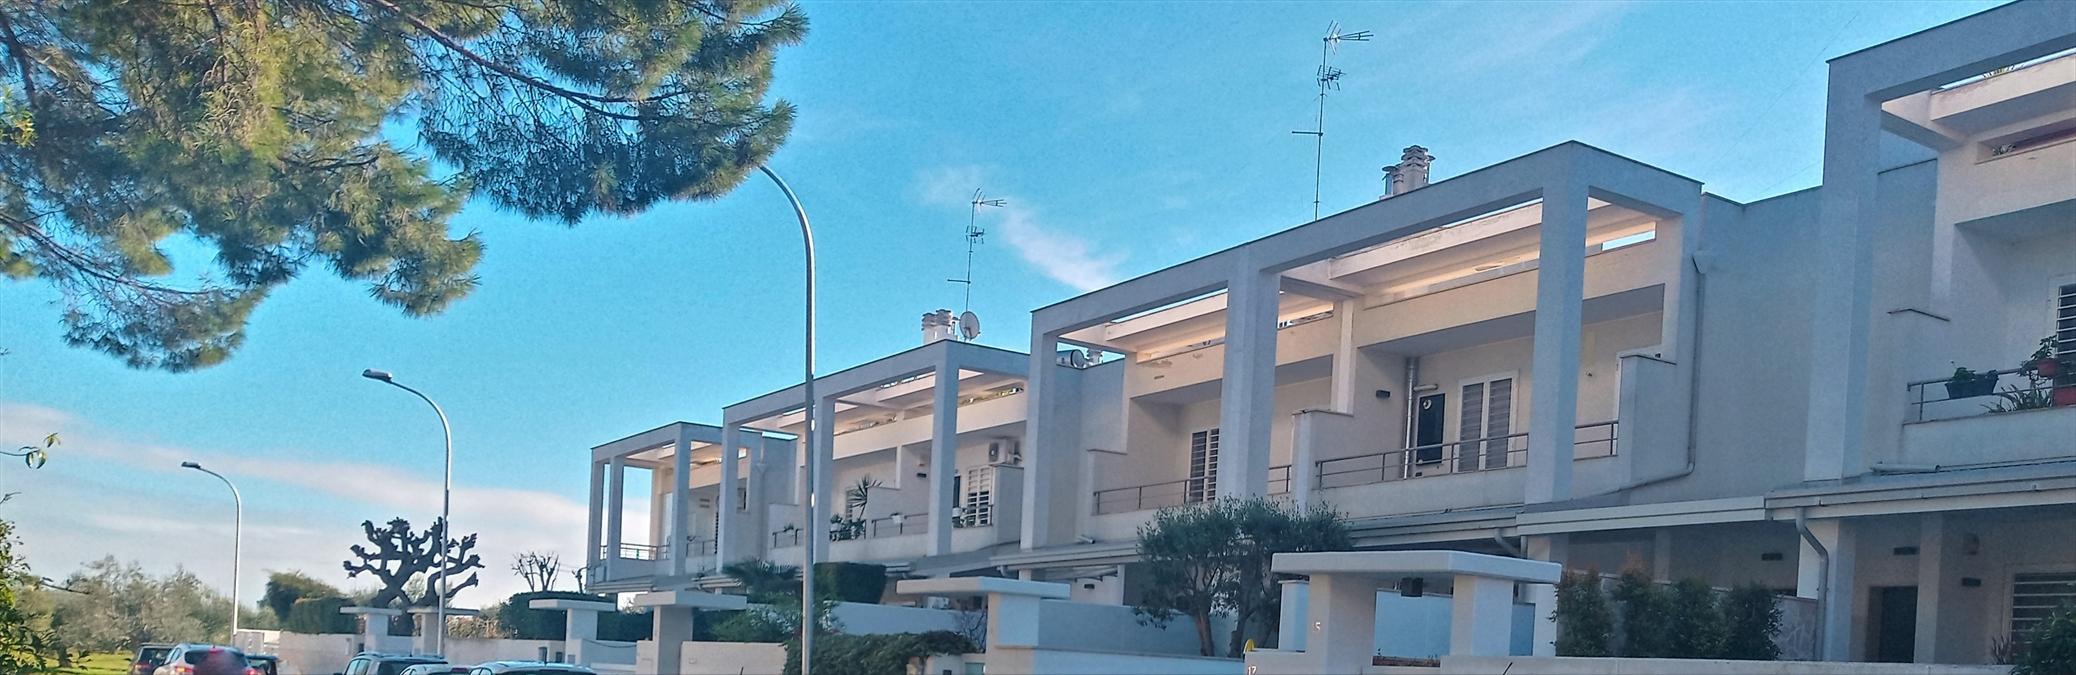 Appartamento in vendita a Modugno, 3 locali, prezzo € 310.000   PortaleAgenzieImmobiliari.it